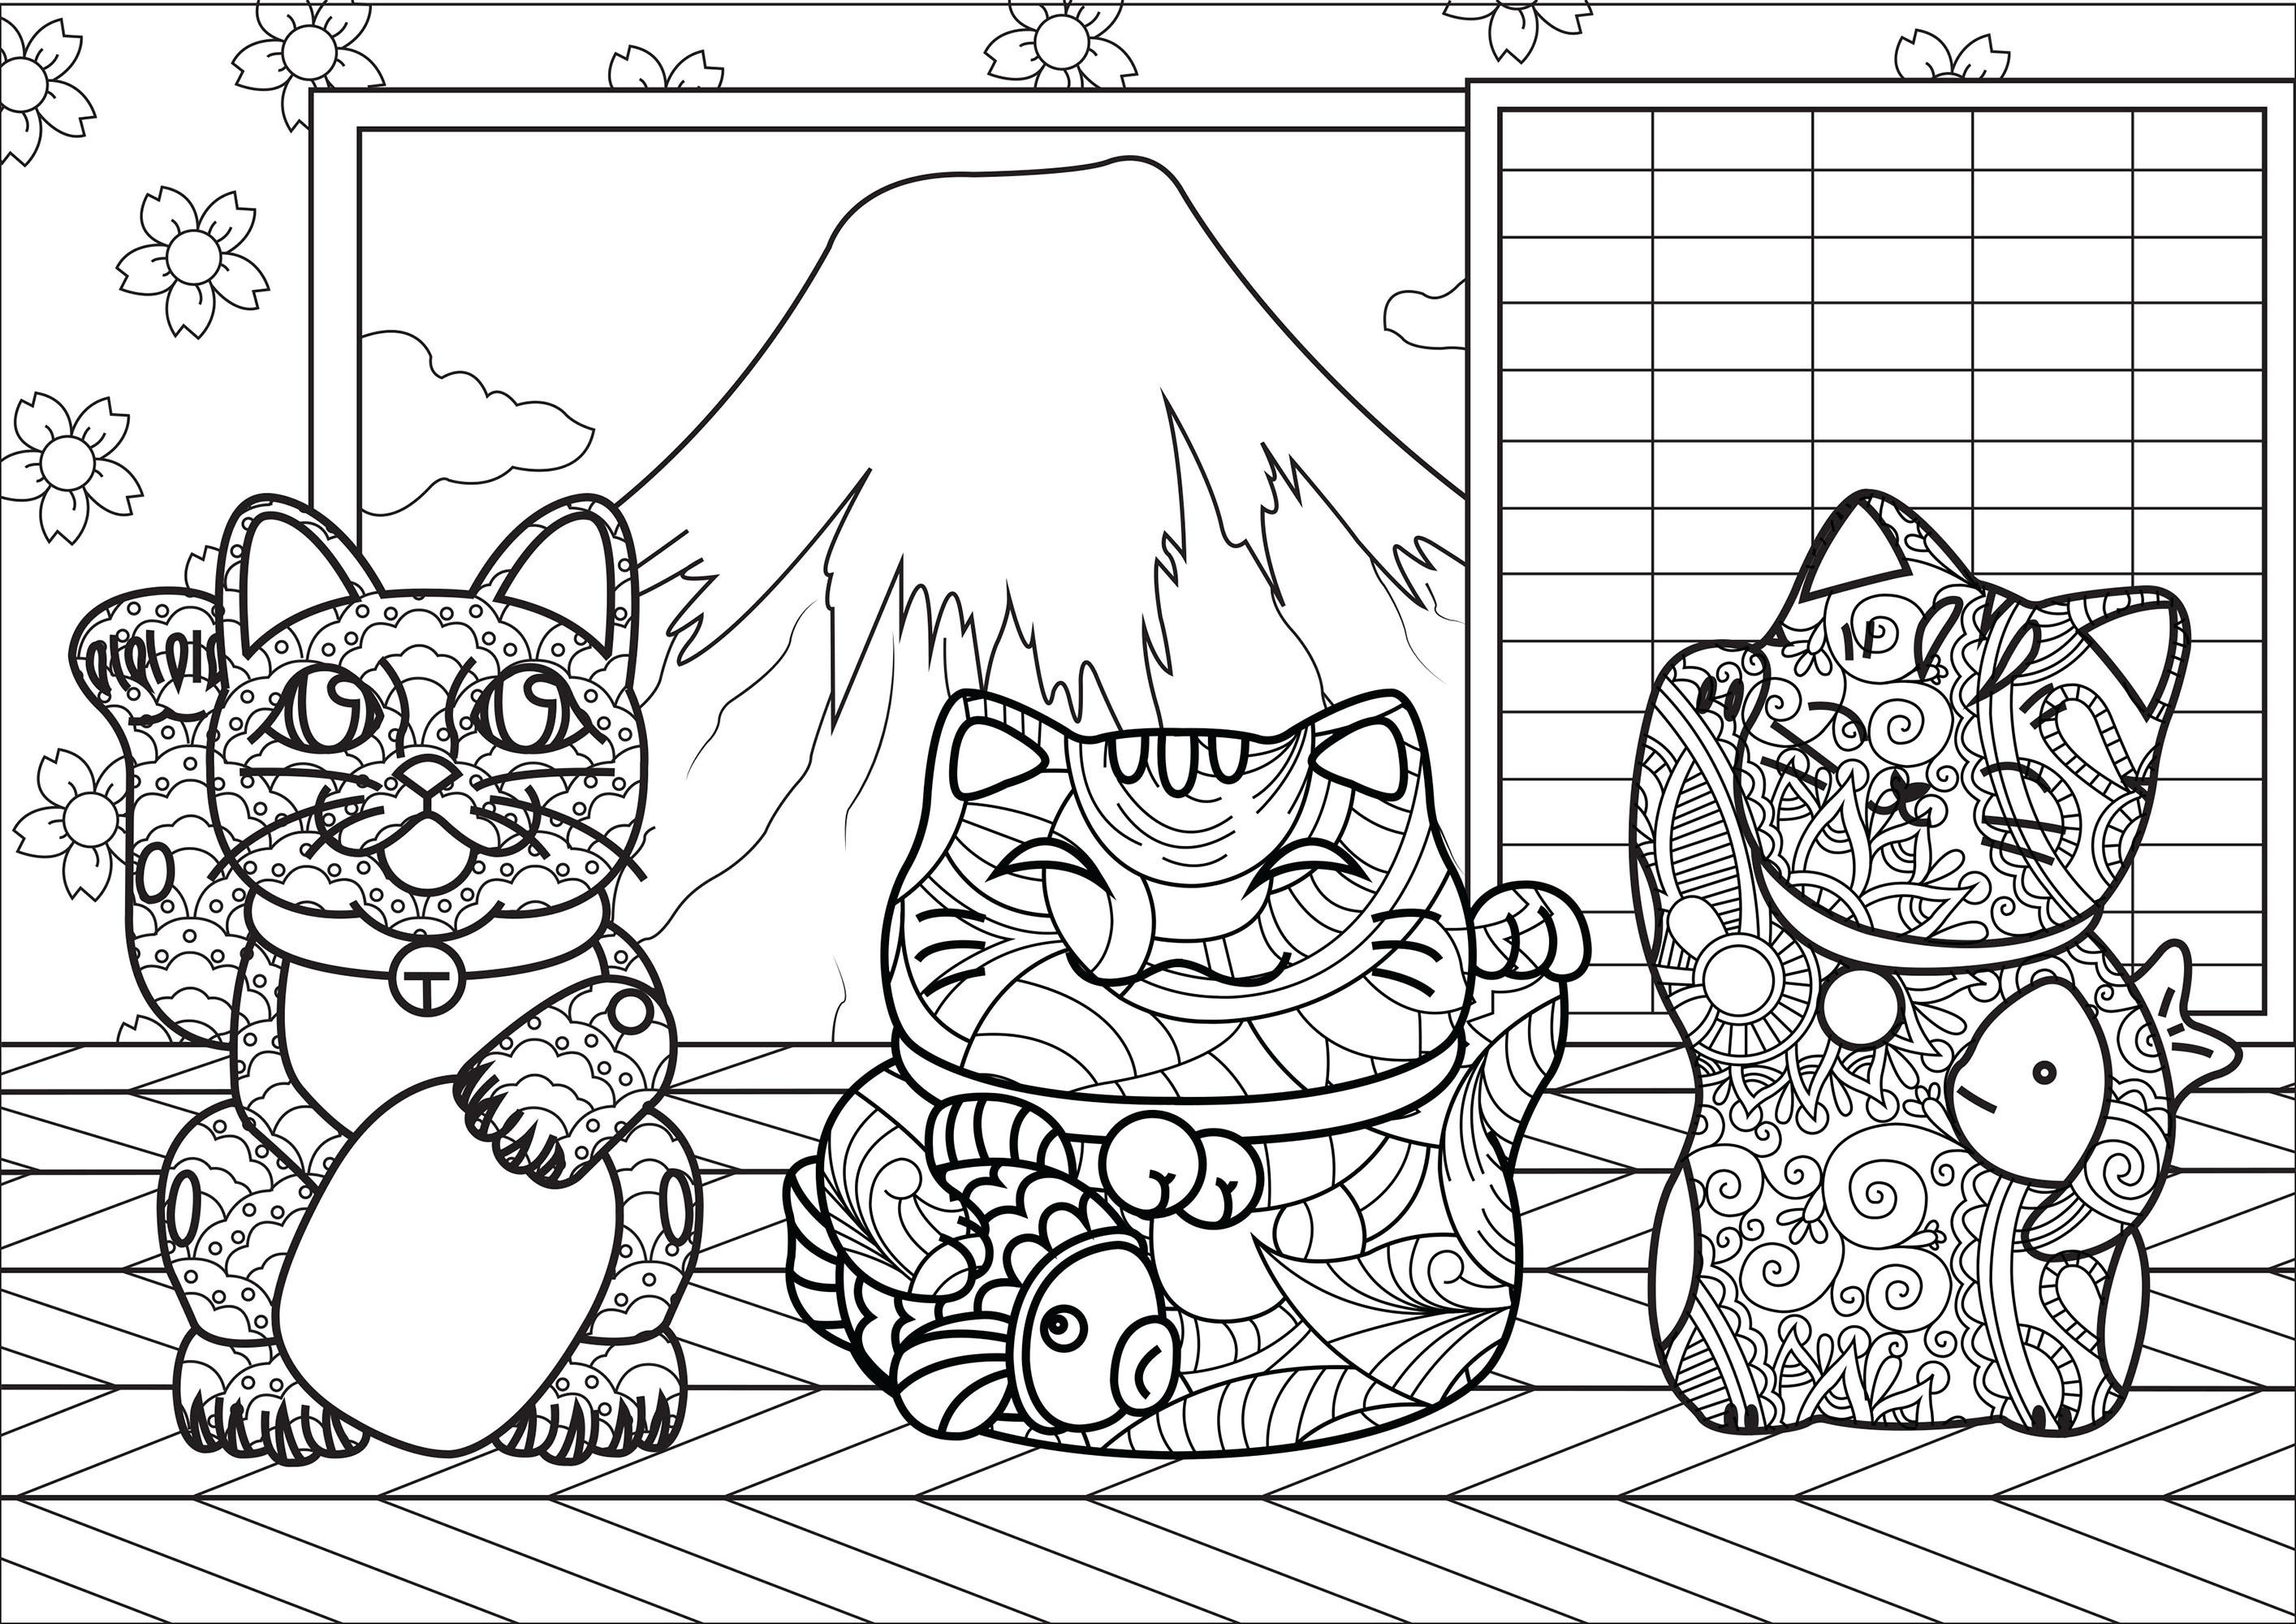 Disegni da Colorare per Adulti : Giappone - 3